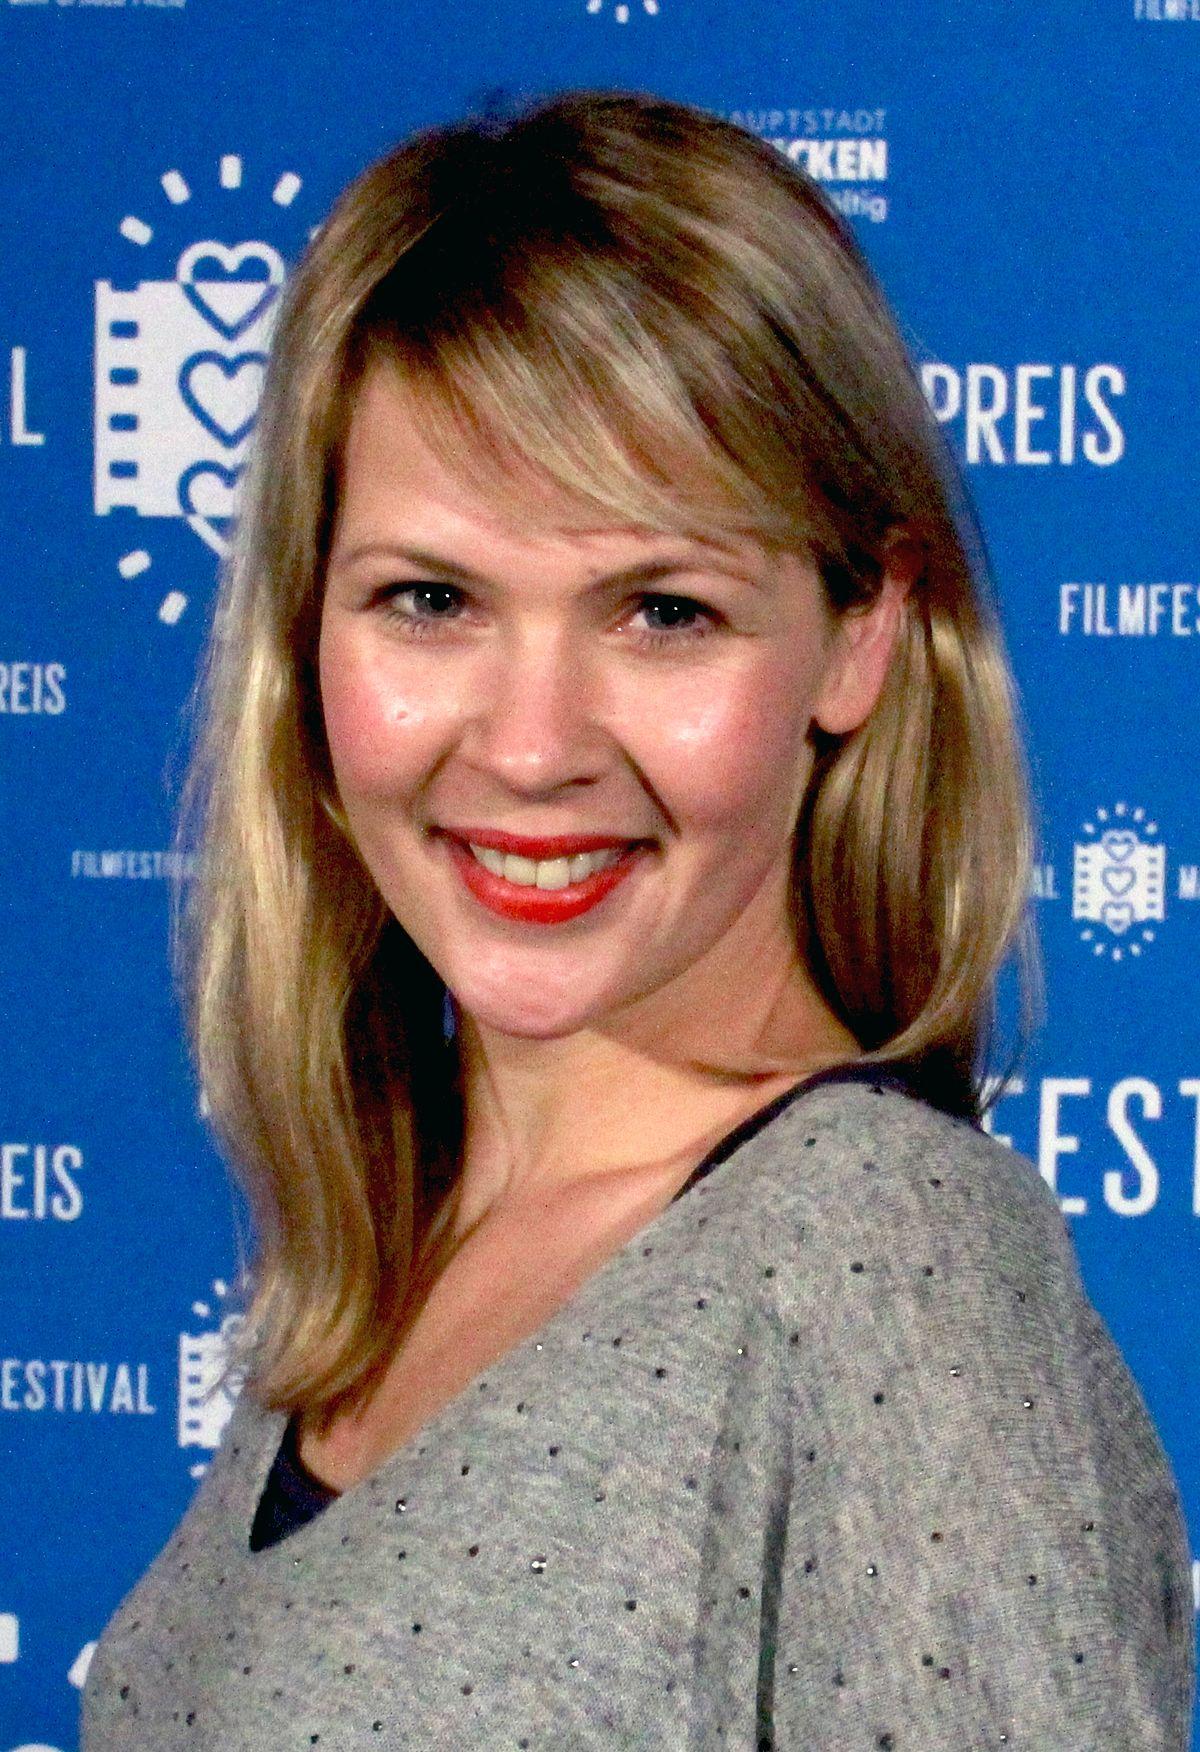 Tina Amon Amonsen